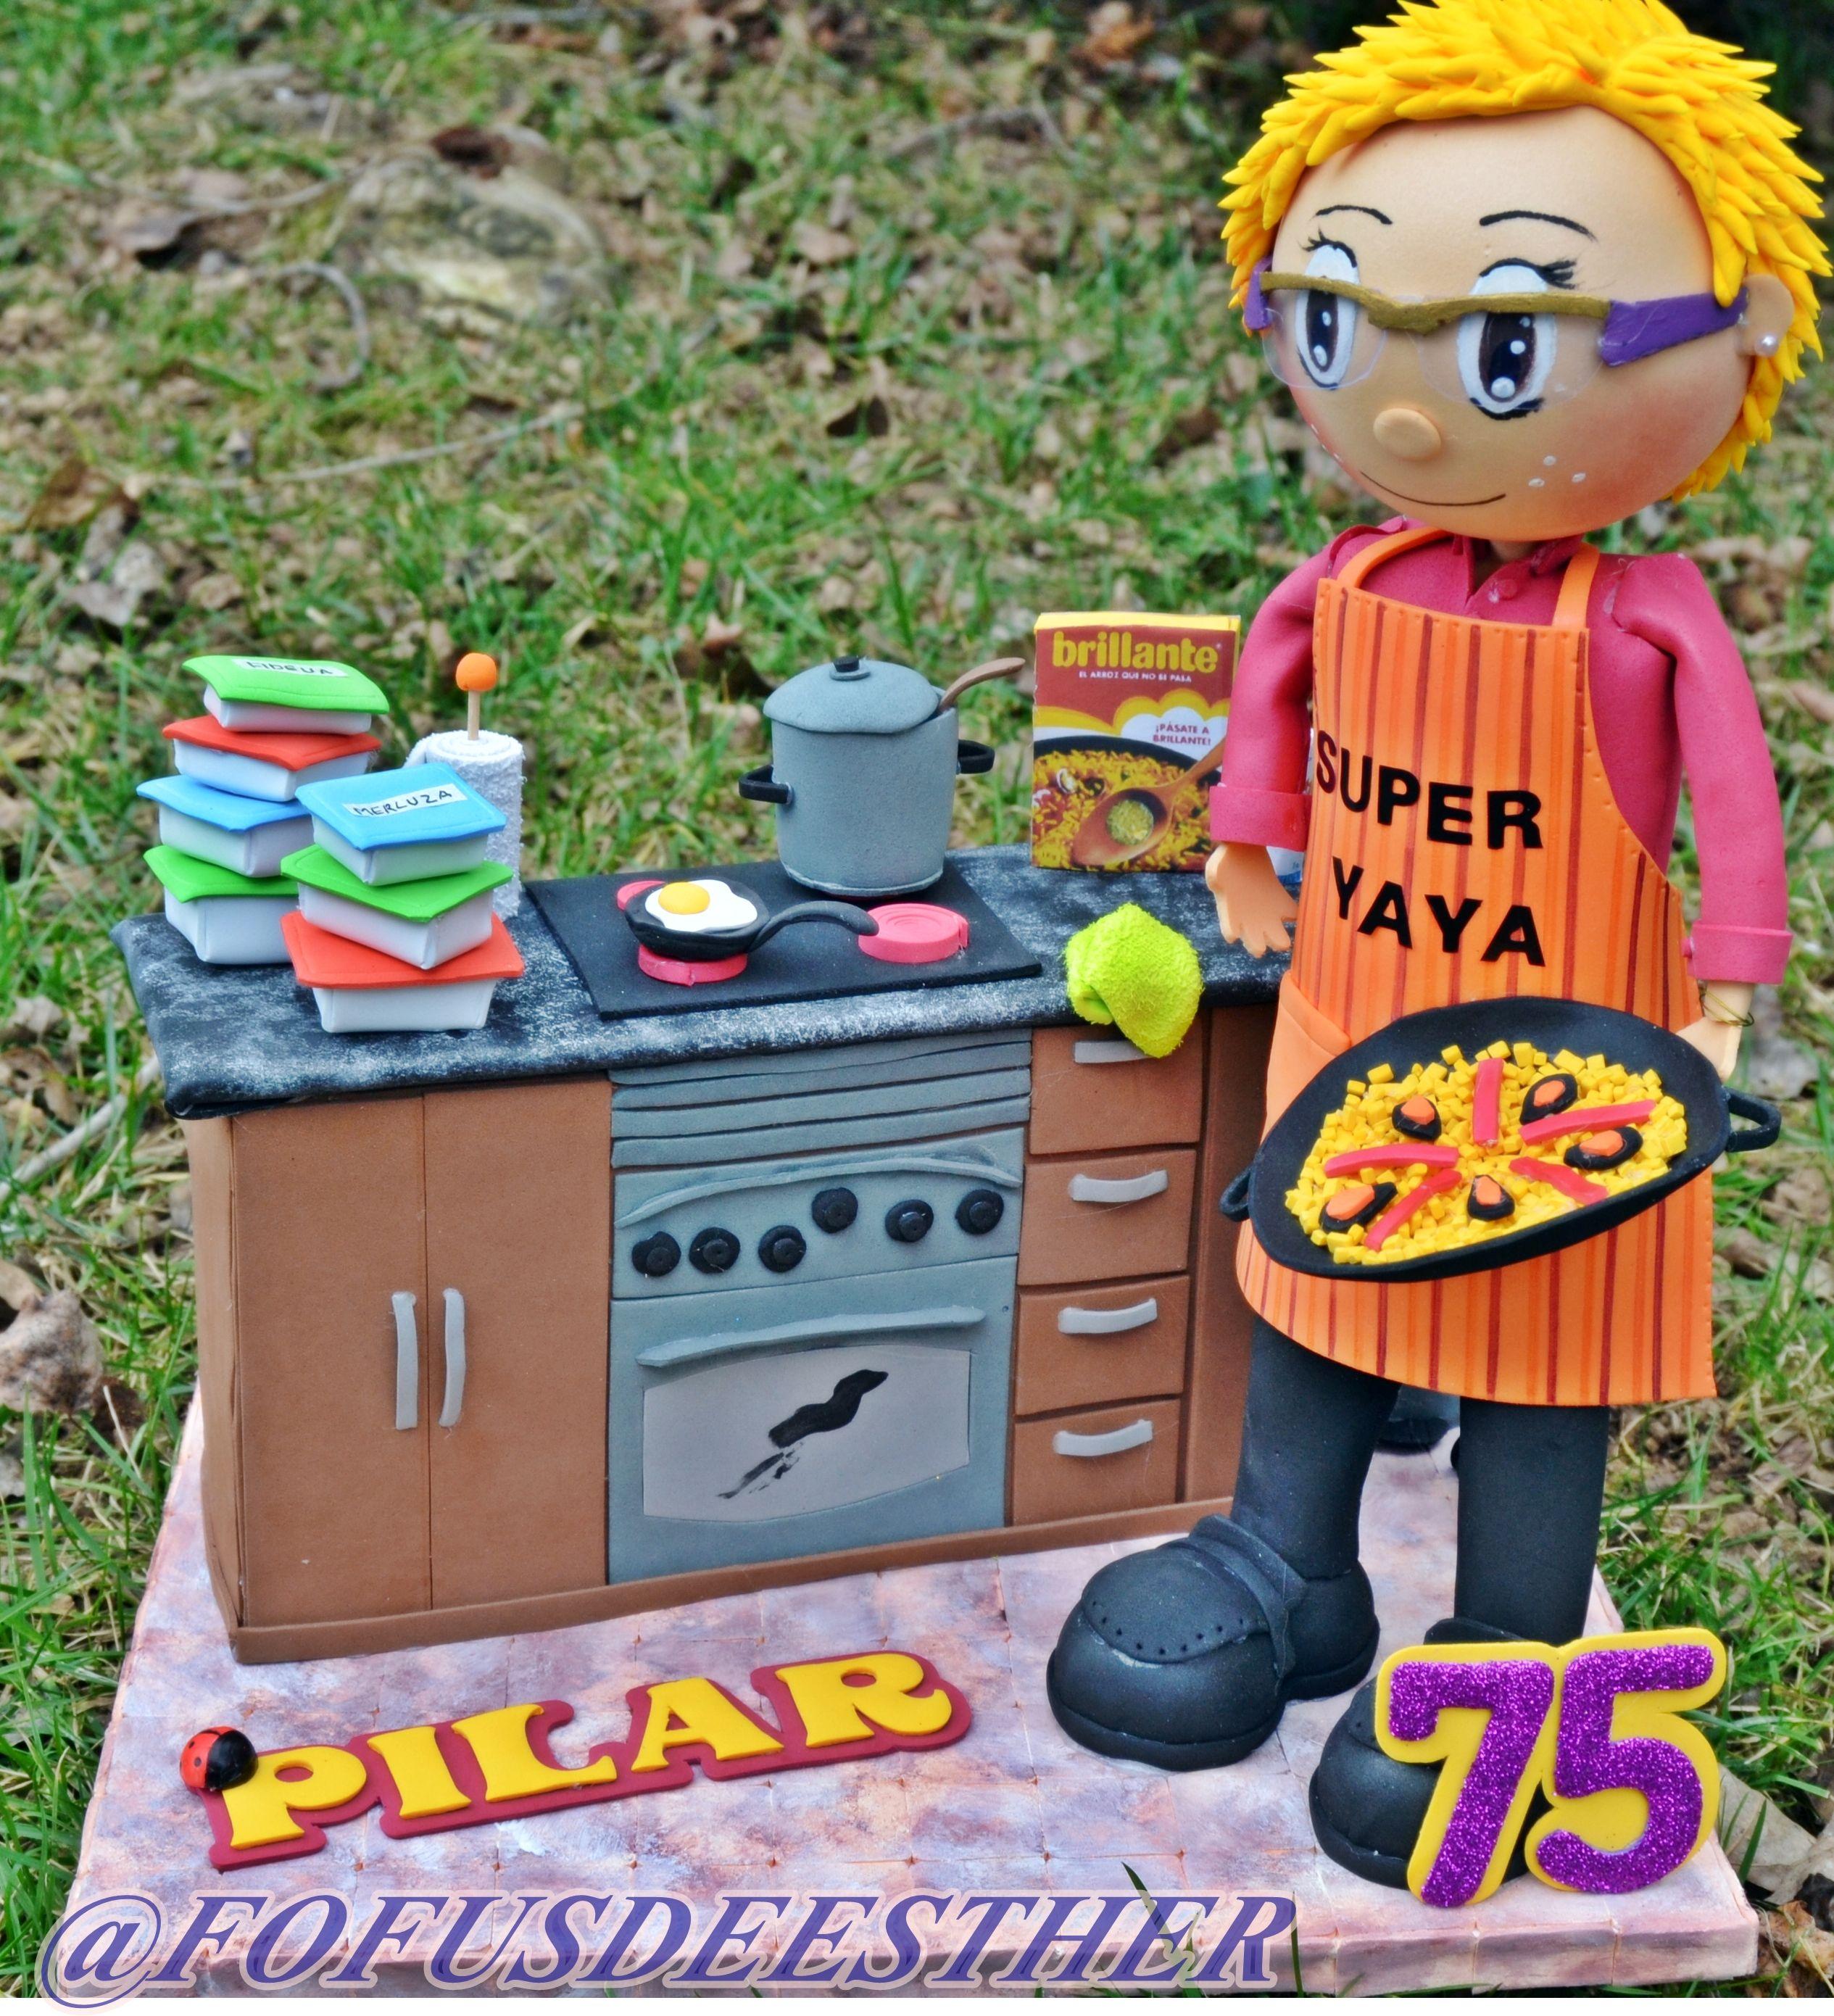 madre, super yaya, goma eva,  foami, cocina, cocinera, paella